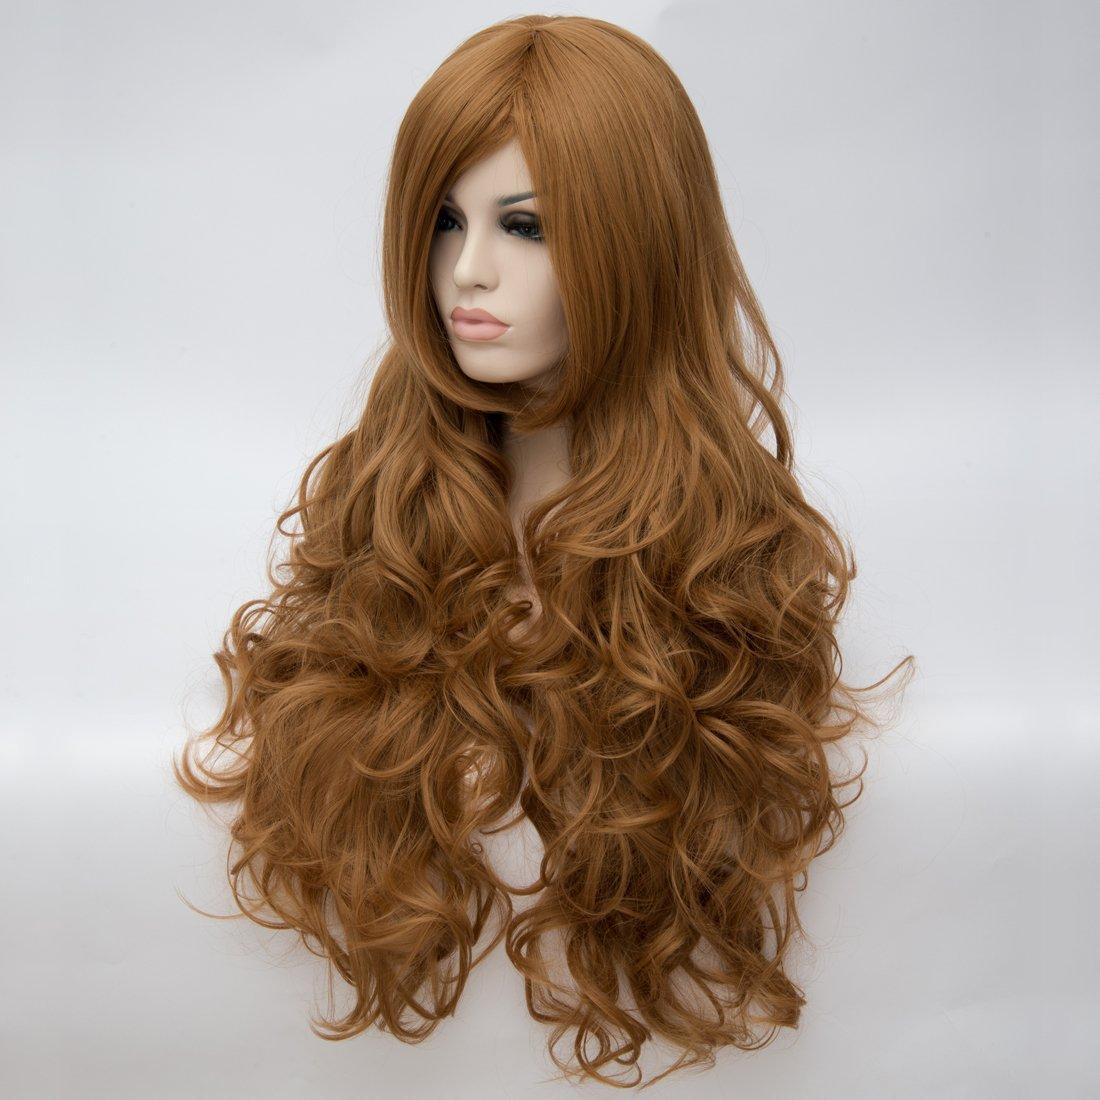 priomix 80 cm largo rizado Brown peluca Daily Basic vacaciones fiesta Carnaval vestido de anime cosplay peluca para mujeres resistente al calor de alta ...